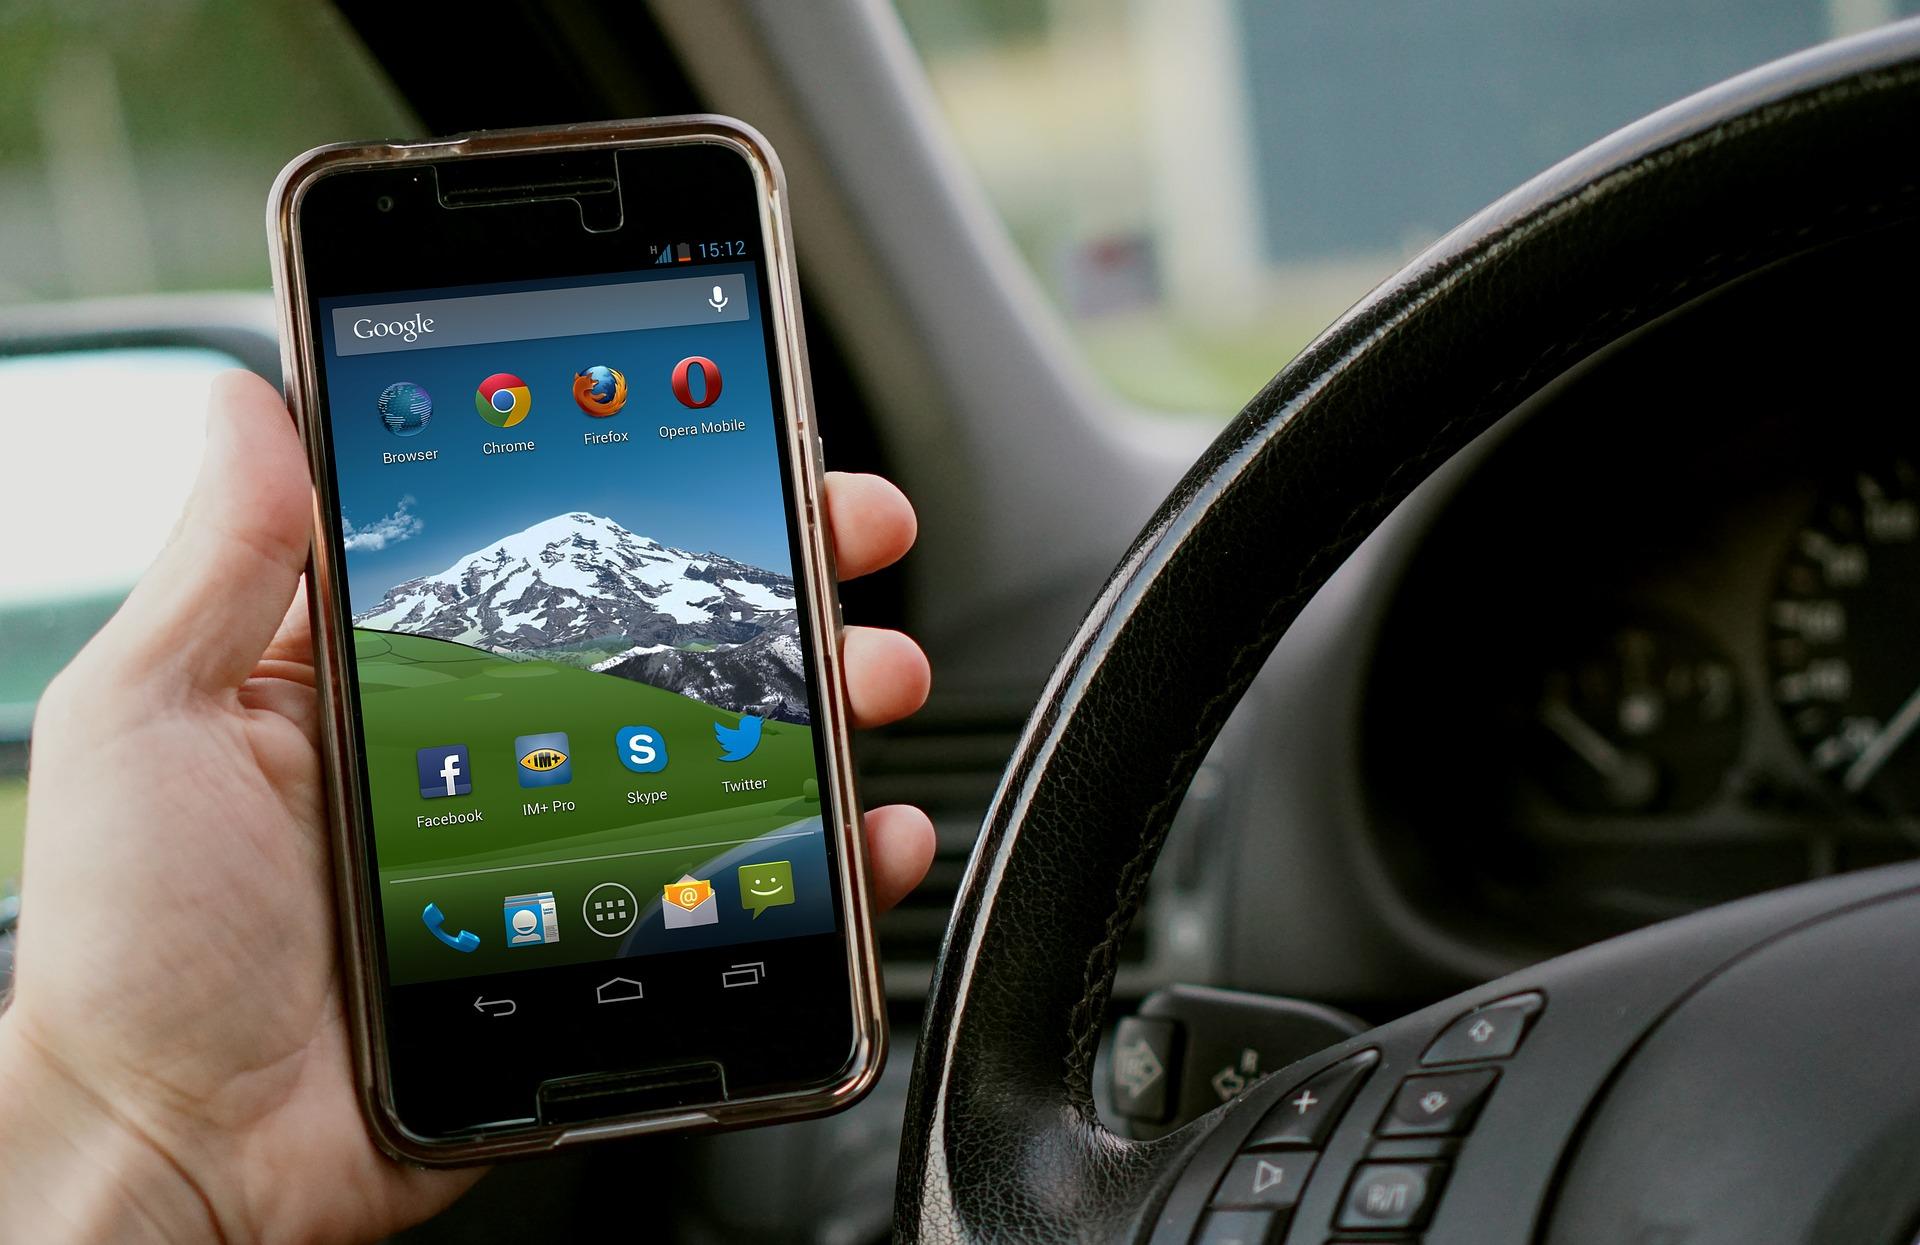 La campanya vol evitar les distraccions amb aparells mòbils